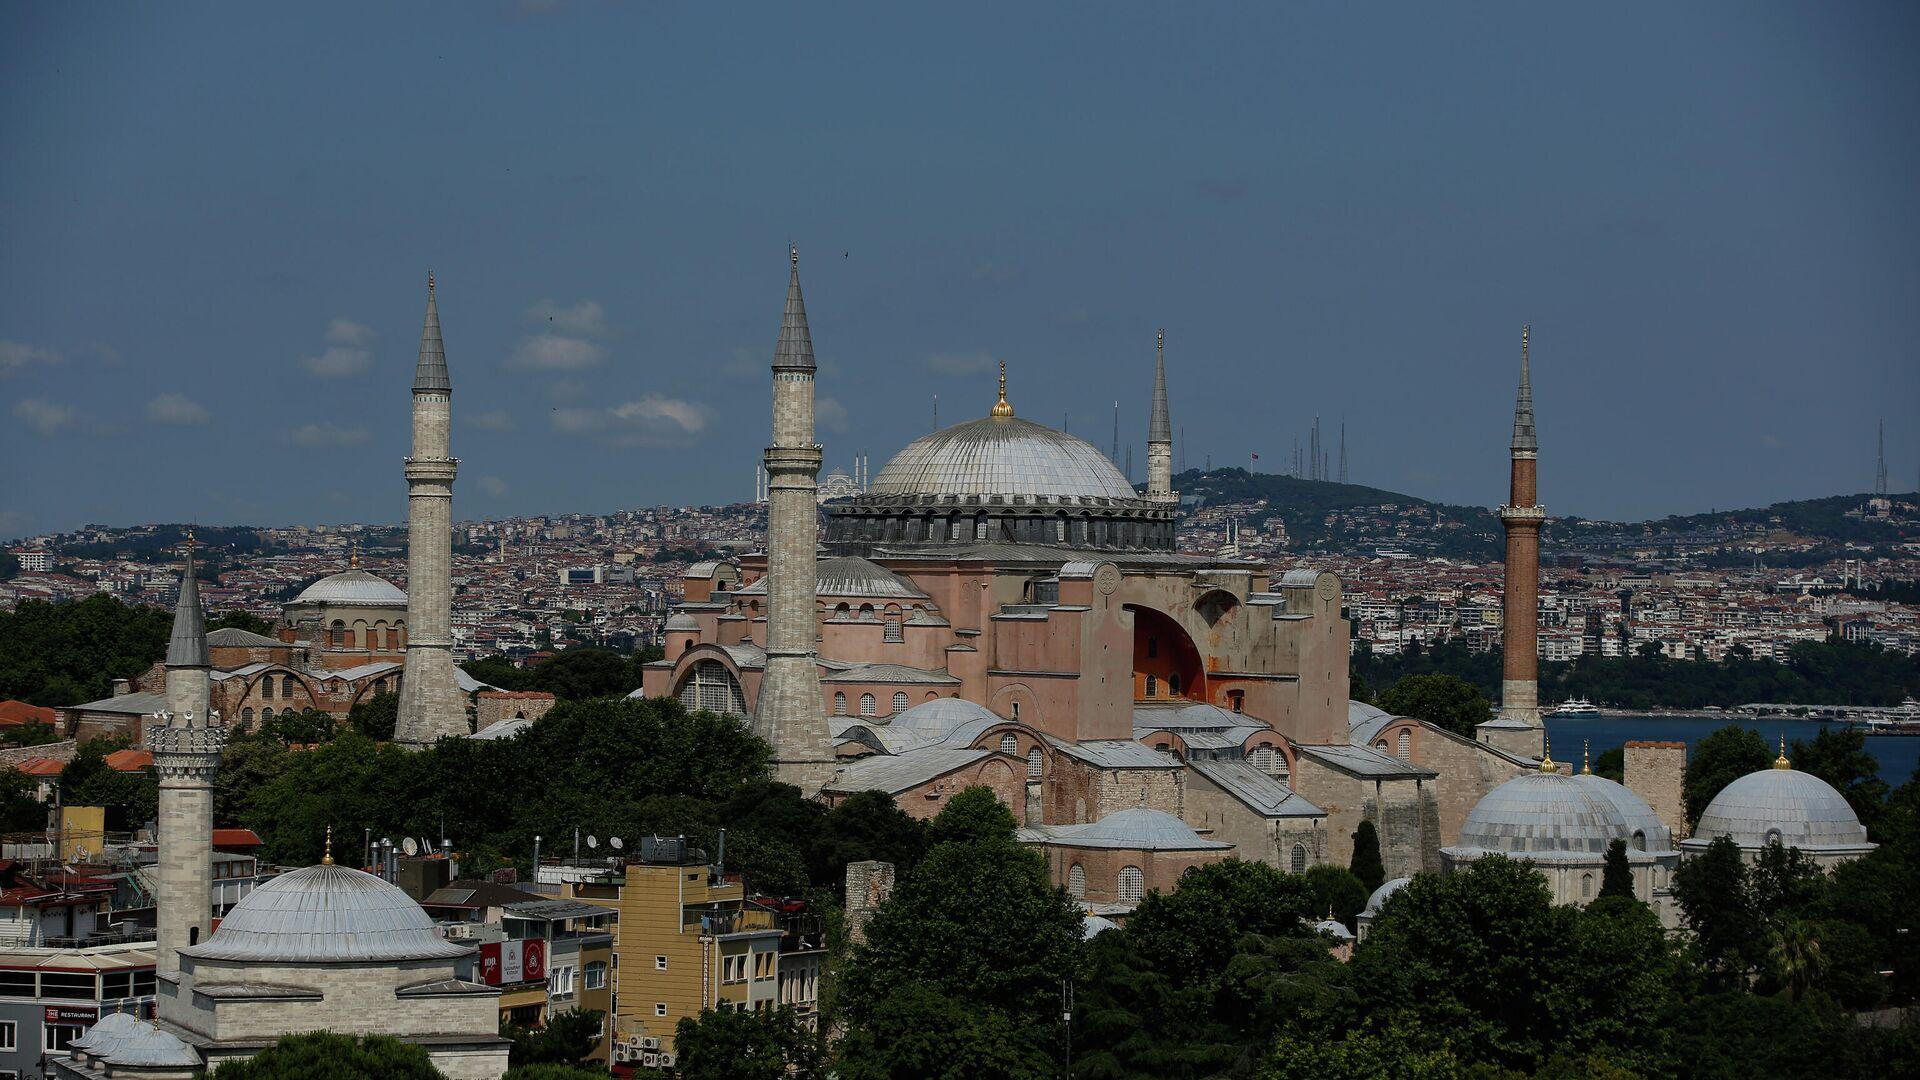 Собор Святой Софии в Стамбуле - РИА Новости, 1920, 05.08.2020